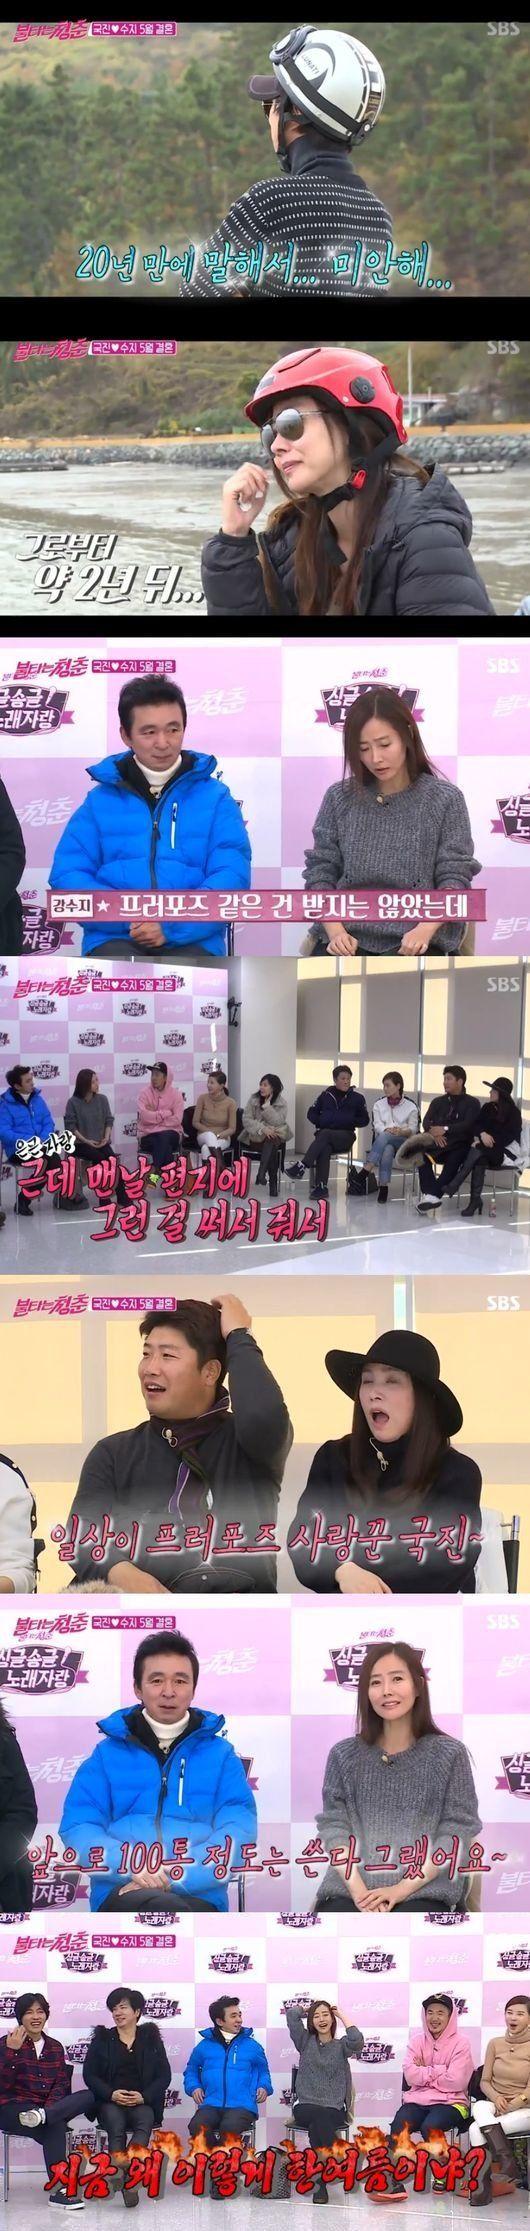 [어저께TV] '불청' 결혼 김국진♥강수지, 이 커플이 사랑하는